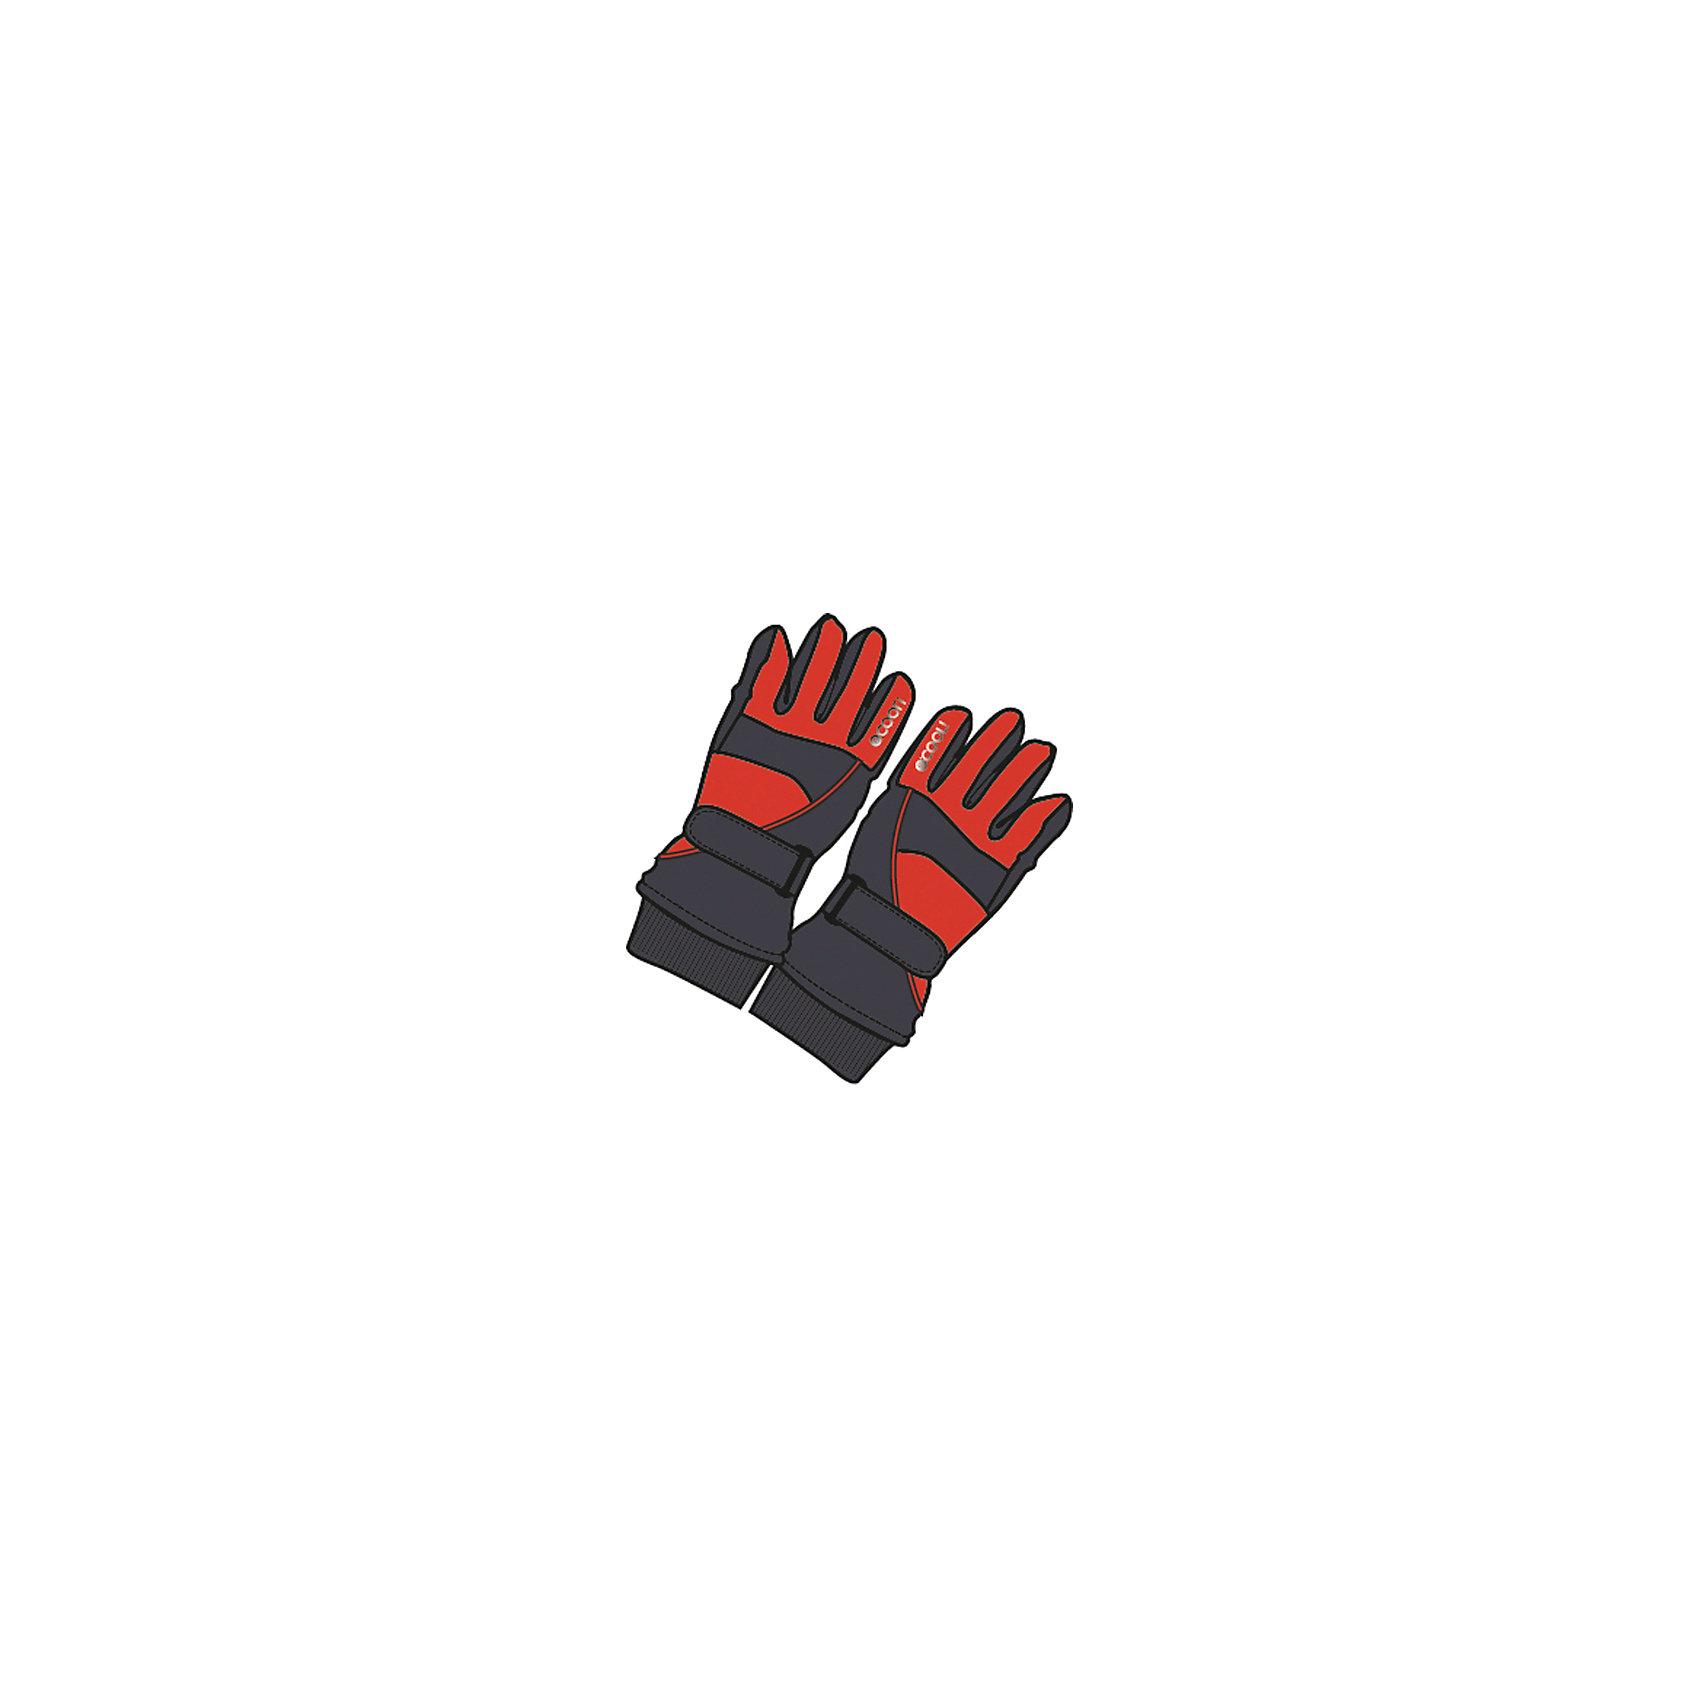 Перчатки для мальчика ScoolПерчатки, варежки<br>Перчатки для мальчика Scool – непромокаемая и теплая защита рук.<br>Антискользящий материал на ладошках позволяет ребенку без труда держать предметы. Запястье утягивается липучкой, которая не дает снегу насыпаться внутрь перчатки и намочить ее. Верх перчатки на мягкой резинке. Есть крепления для куртки, благодаря которой ребенок не потеряет перчатки. <br><br>Дополнительная информация:<br><br>- материал: 100%  полиэстер<br>- цвет: серый, оранжевый<br><br>Перчатки для мальчика Scool можно купить в нашем интернет магазине.<br><br>Ширина мм: 162<br>Глубина мм: 171<br>Высота мм: 55<br>Вес г: 119<br>Цвет: разноцветный<br>Возраст от месяцев: 132<br>Возраст до месяцев: 144<br>Пол: Мужской<br>Возраст: Детский<br>Размер: 17,16,18<br>SKU: 4911646